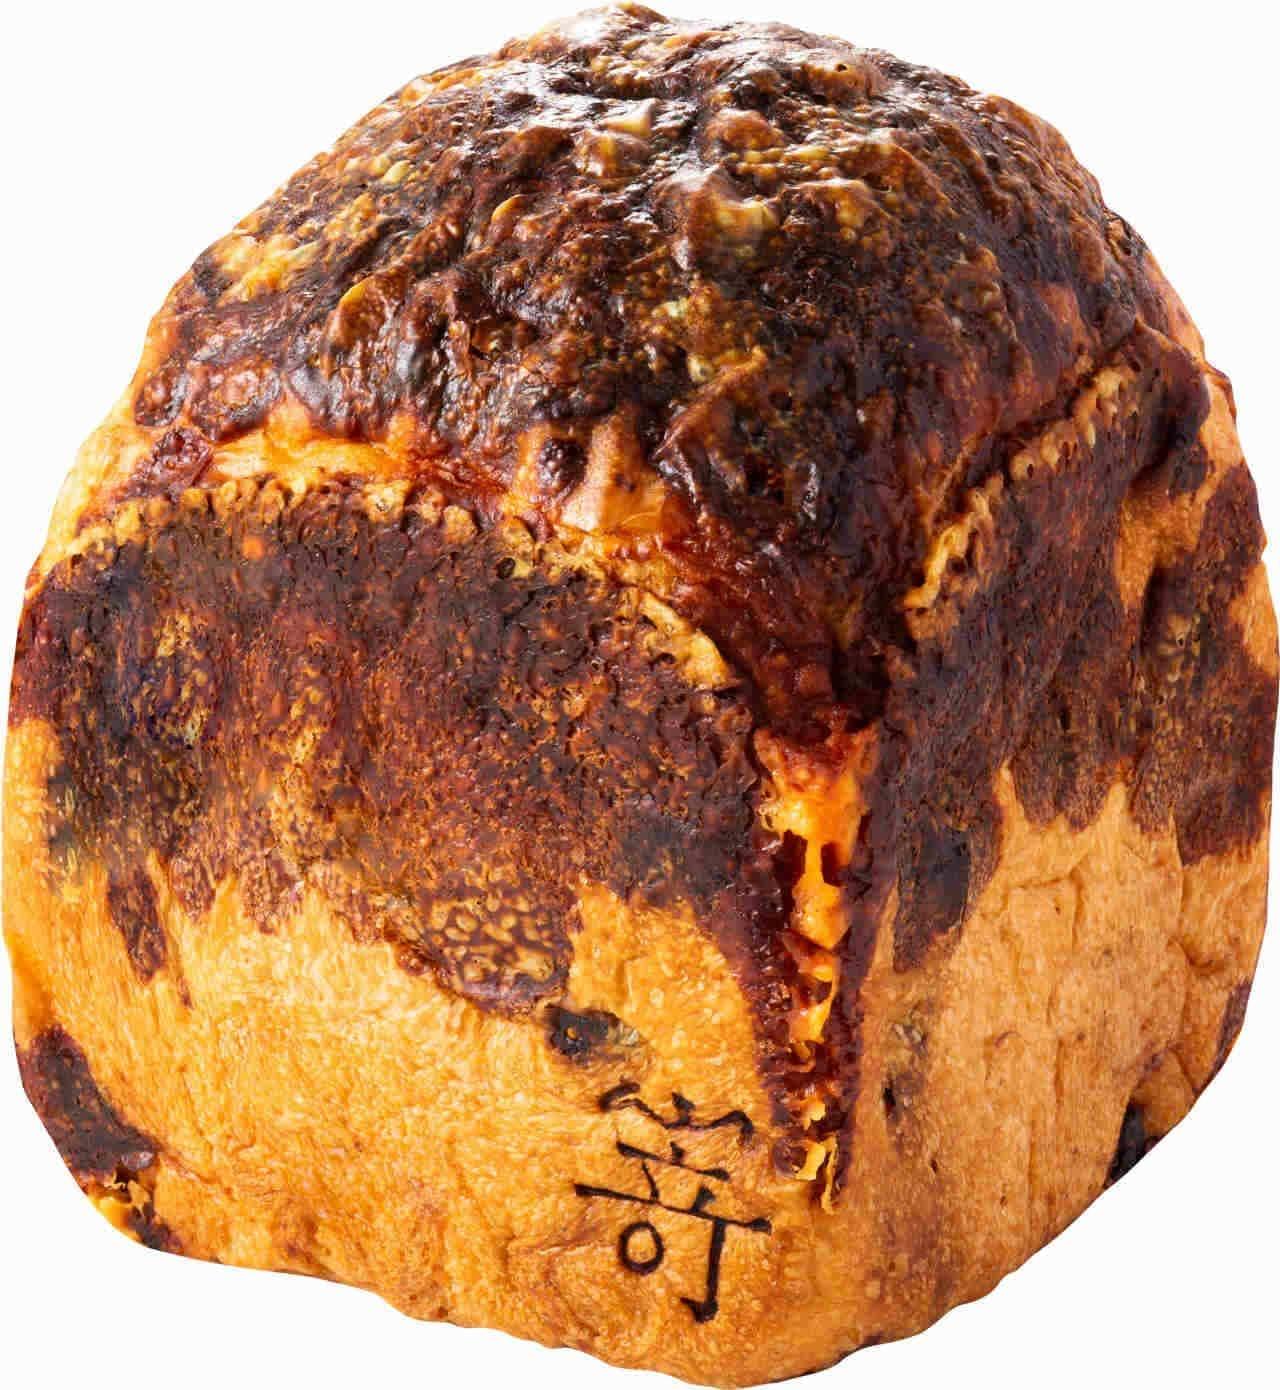 嵜本「白いちじくとゴーダチーズの食パン」